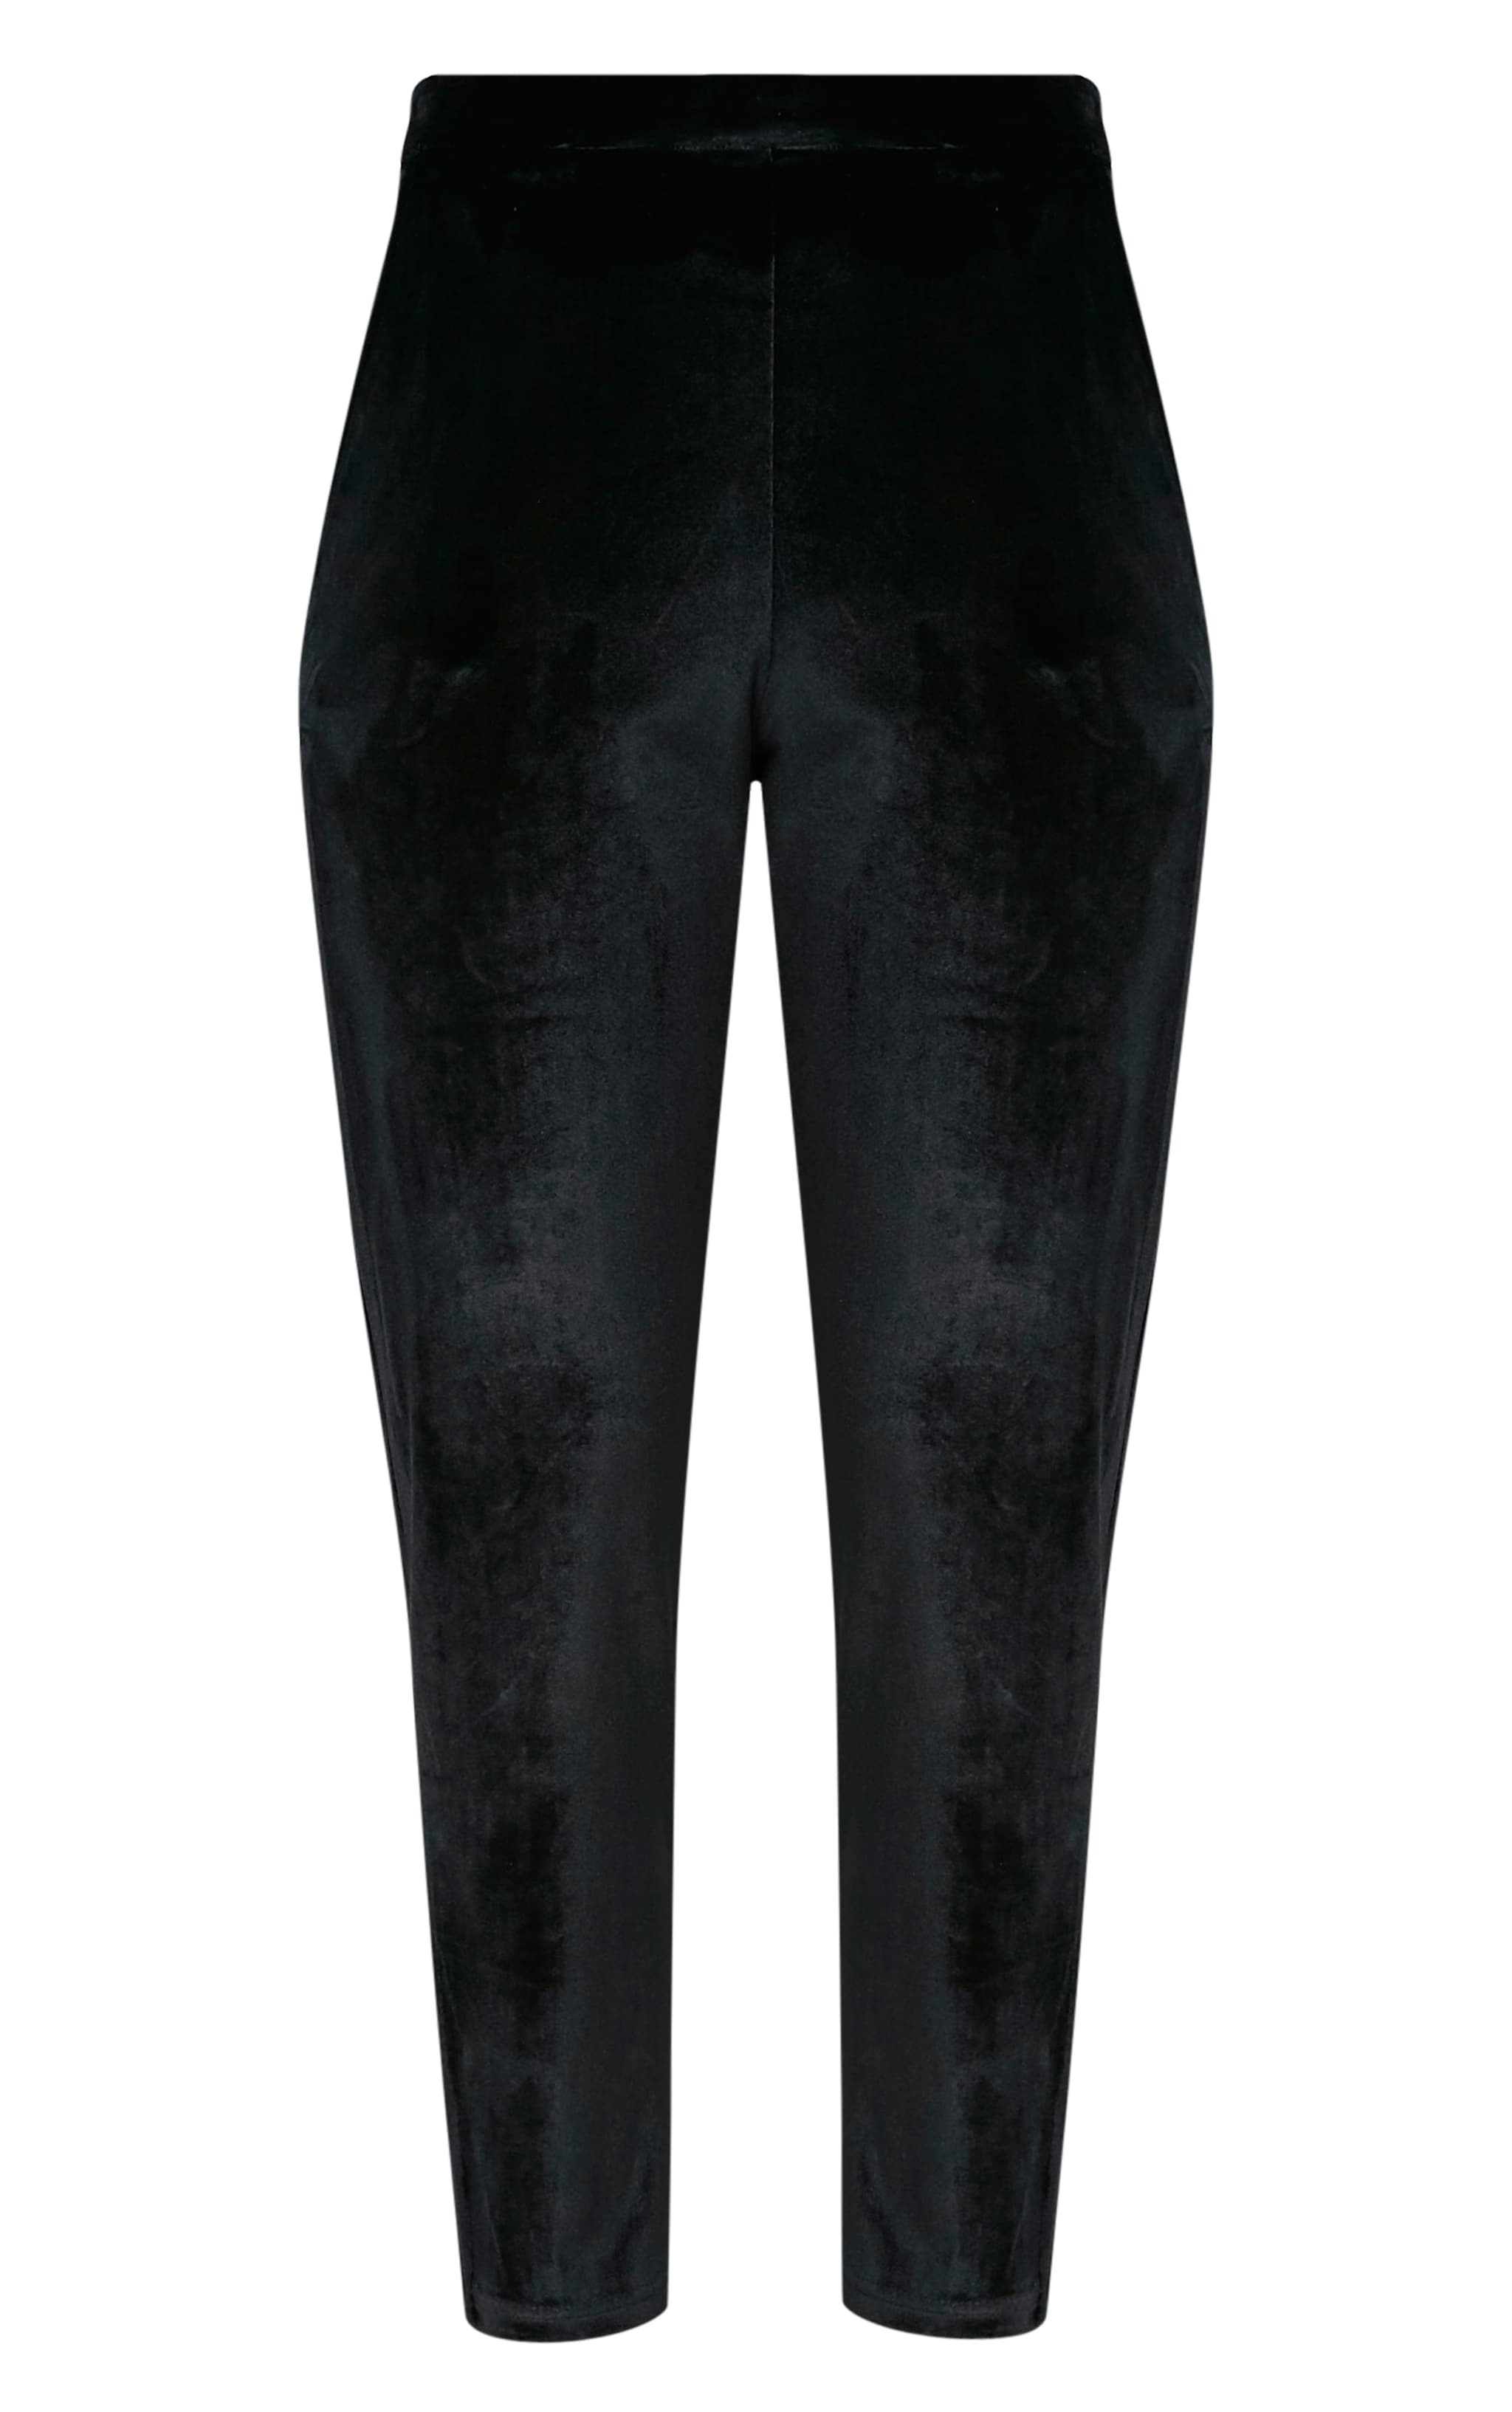 Tasmine pantalon cigarette noir en velours 3